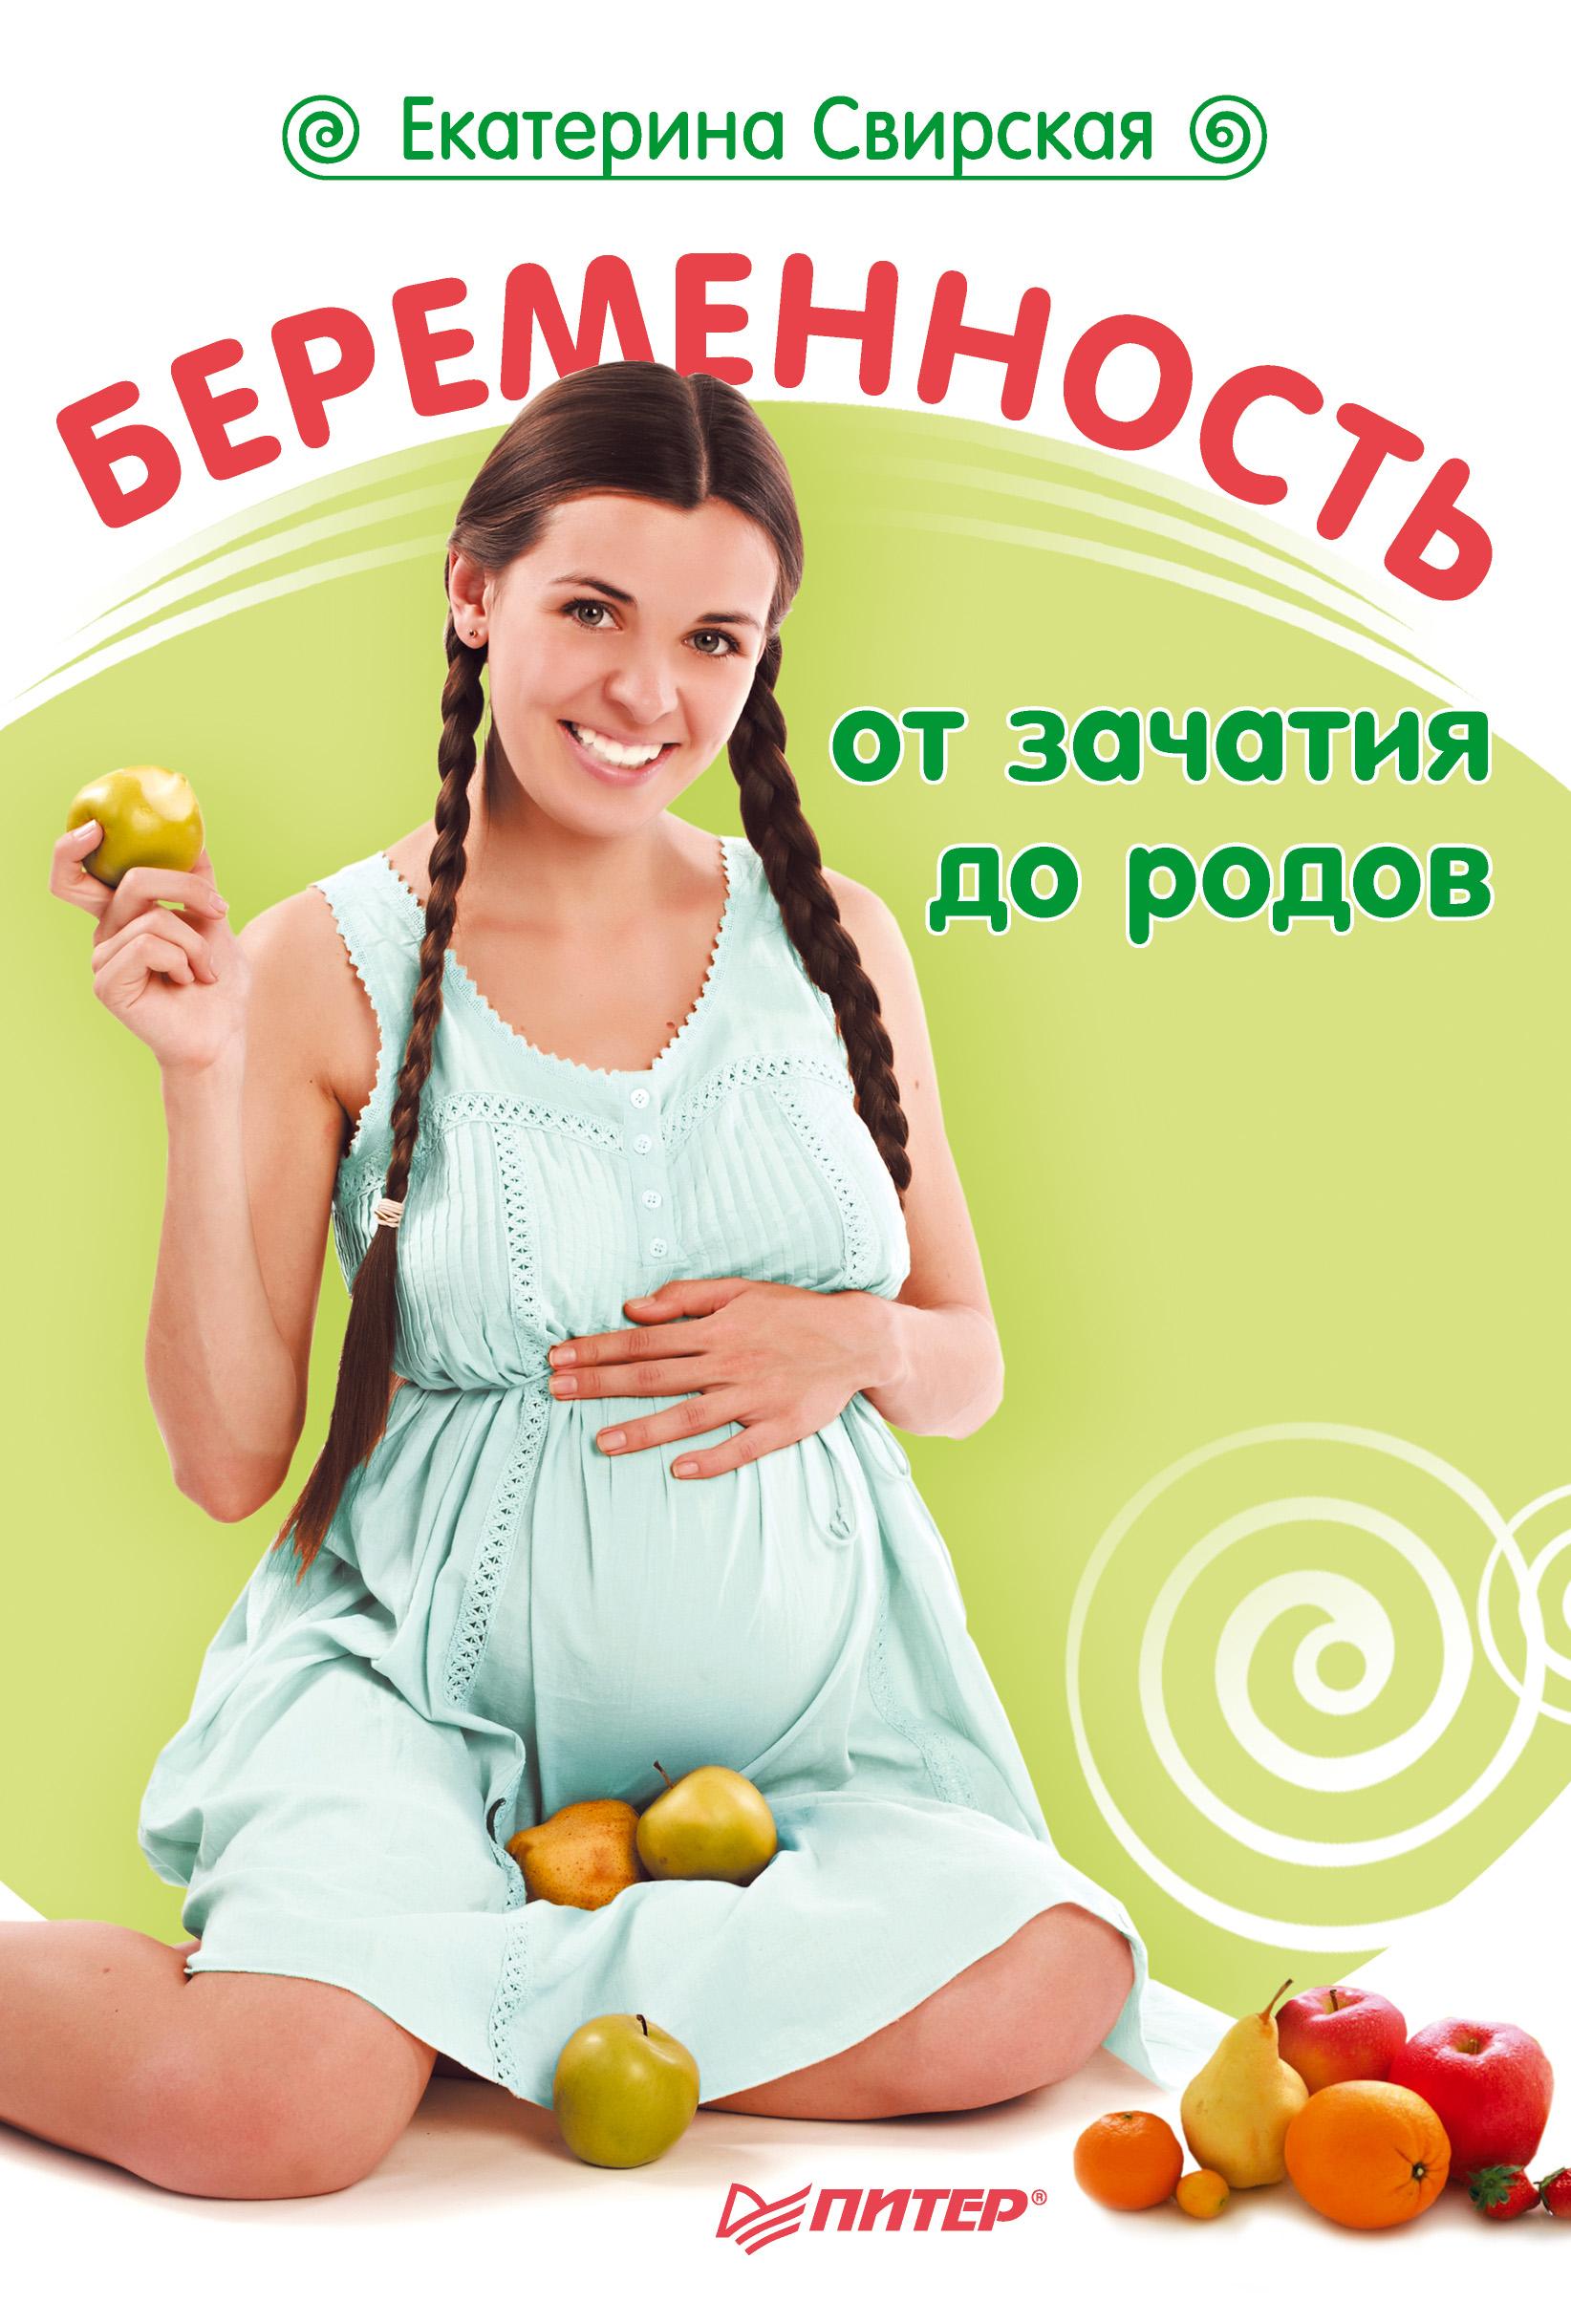 Екатерина Свирская Беременность от зачатия до родов джун томпсон беременность от зачатия до родов